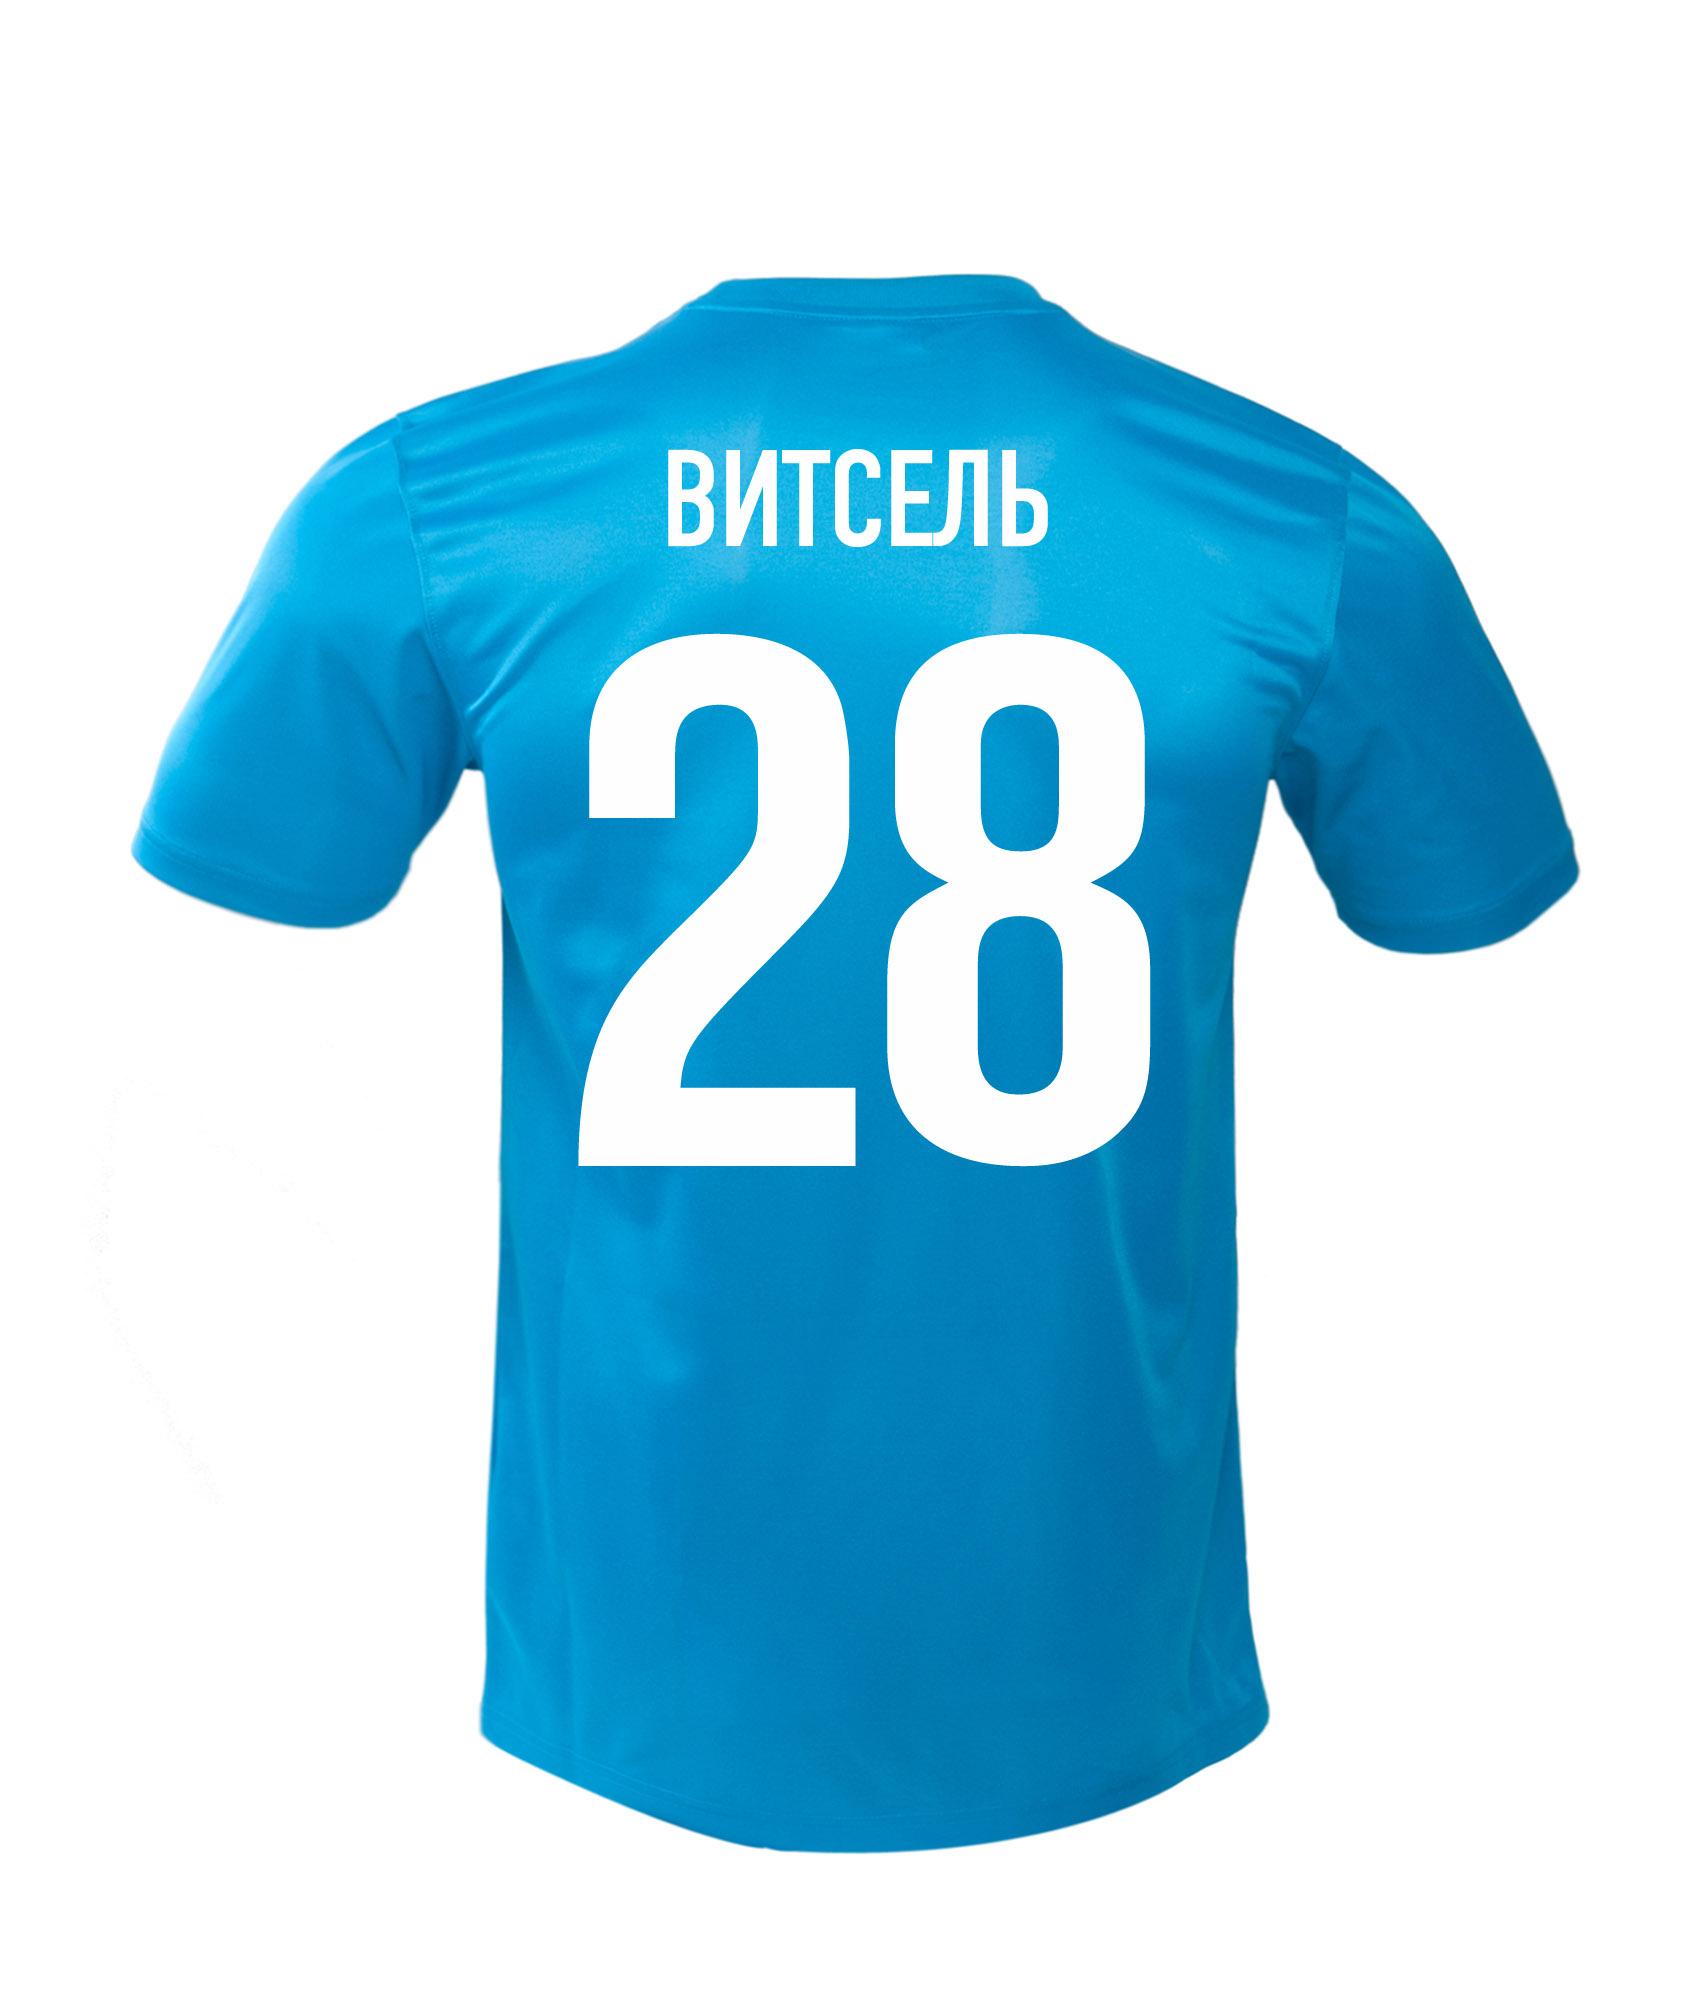 Реплика игровой футболки с номером А.Витселя, Цвет-Синий, Размер-XL